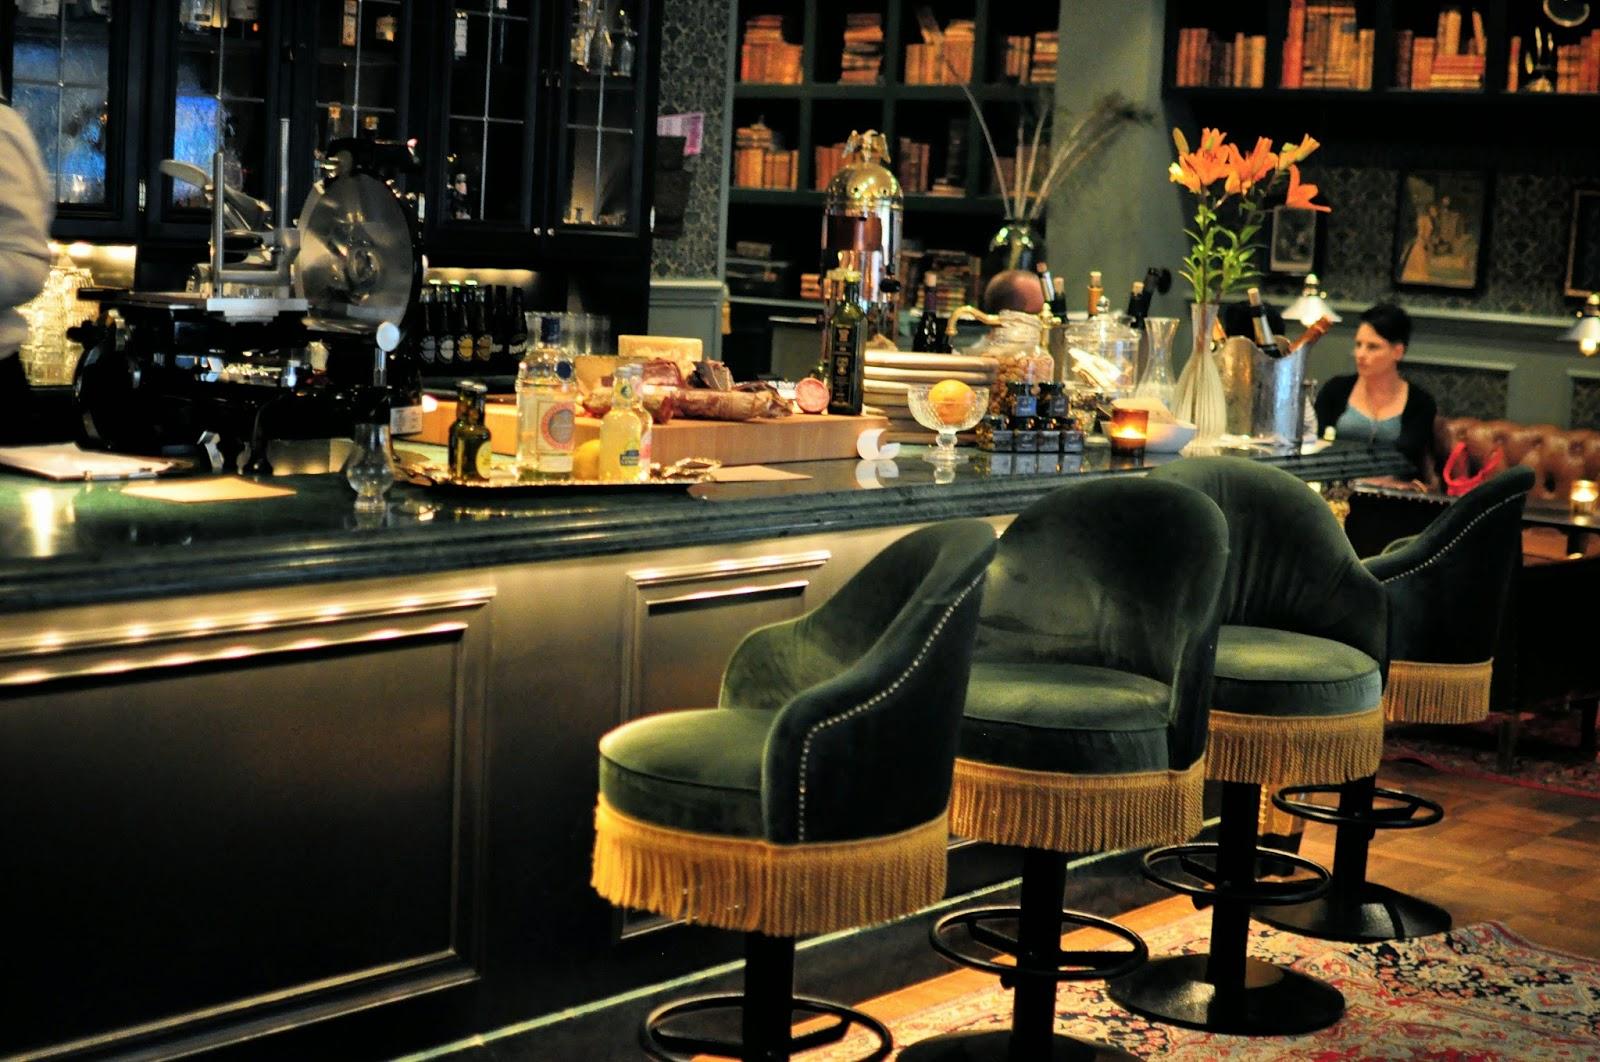 pigalle-hotel-gothenburg-sweden